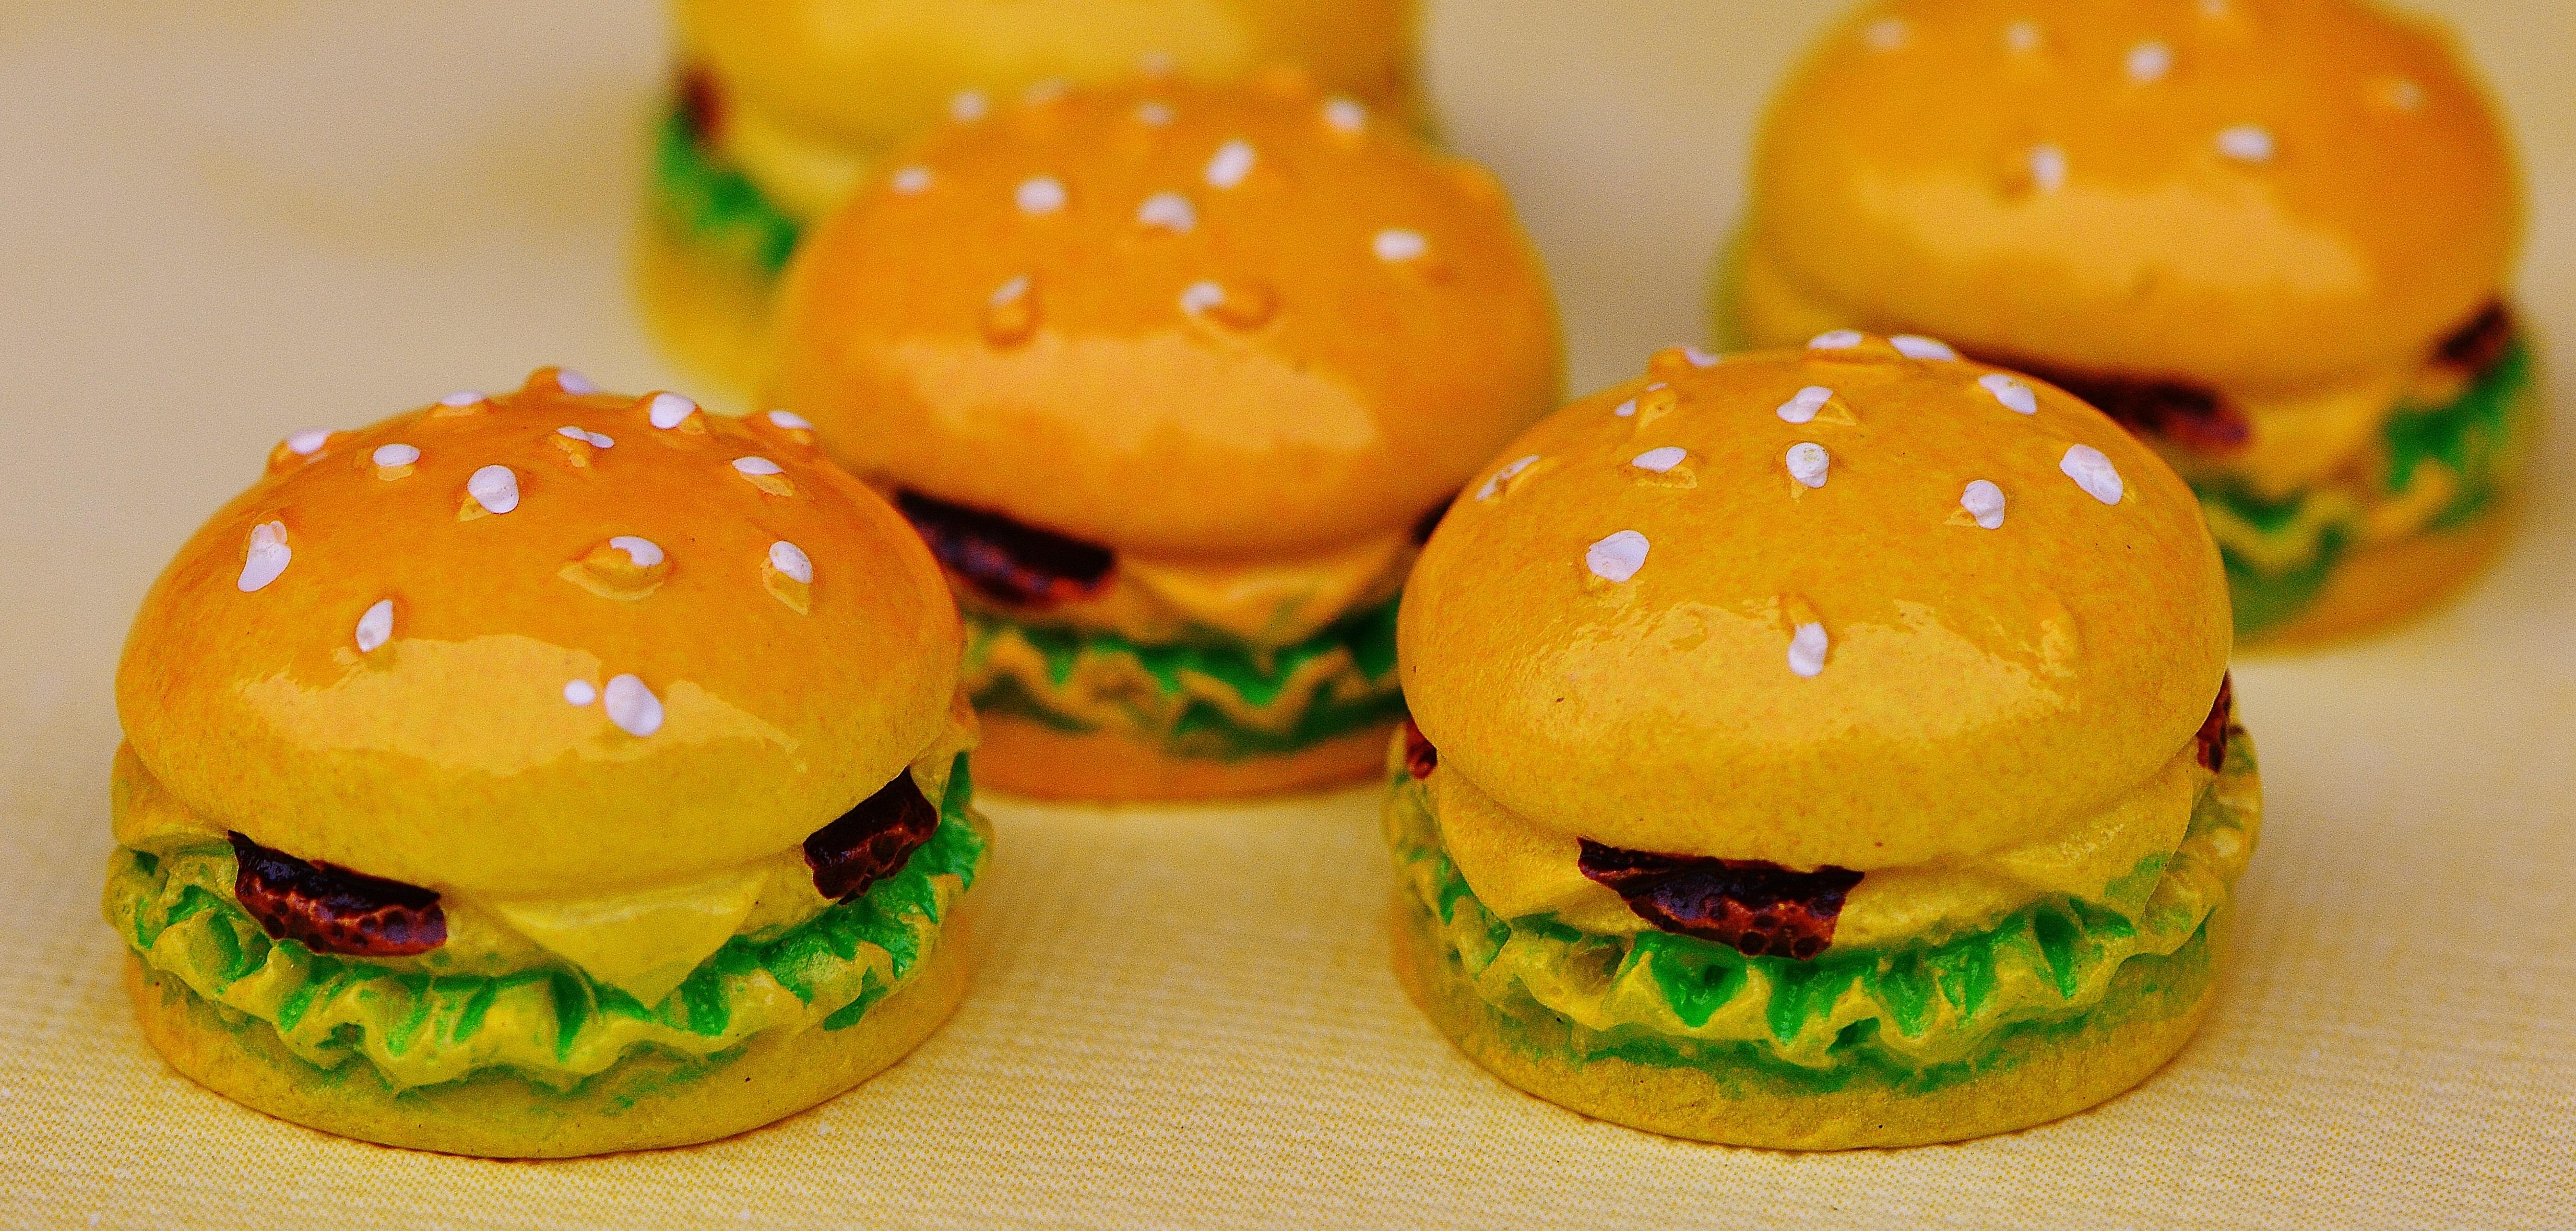 Burger kuchen produktion